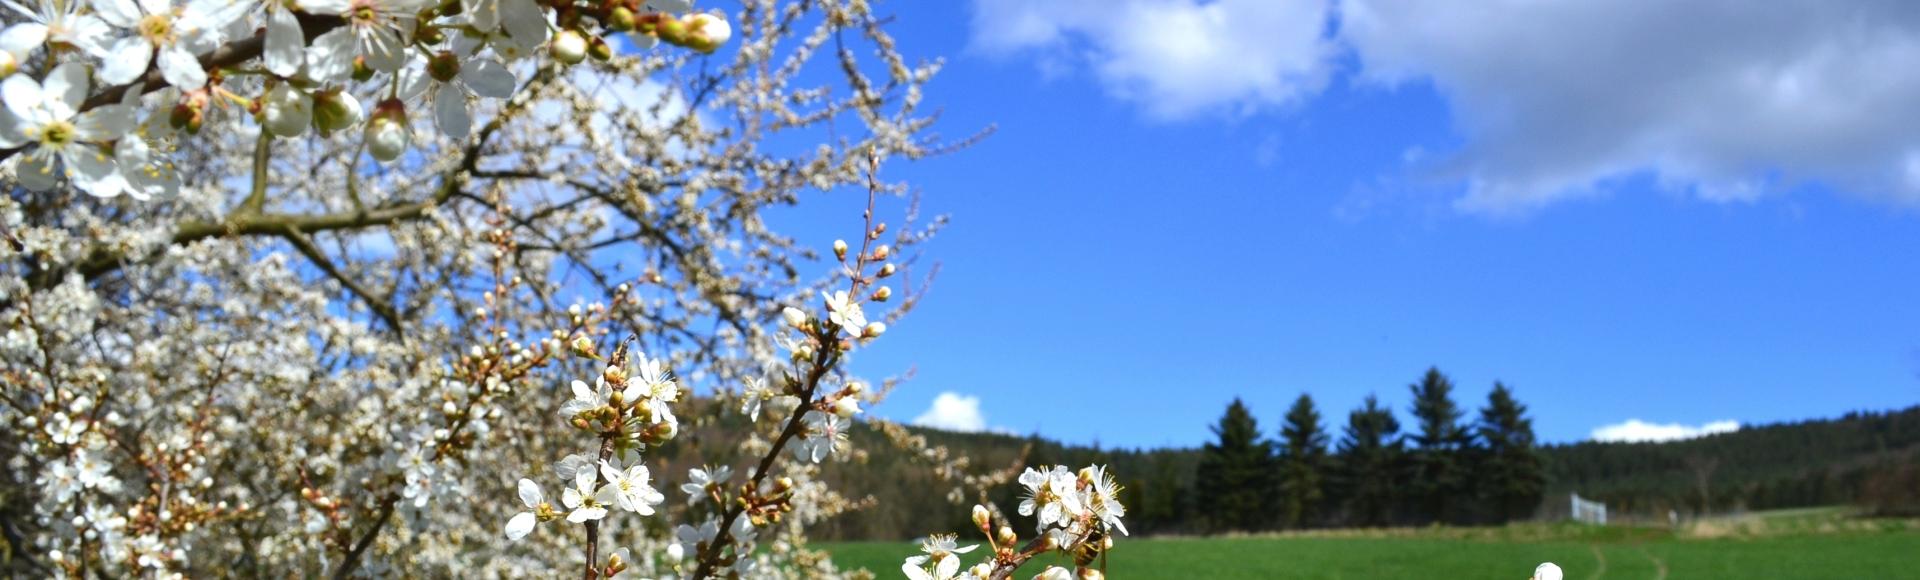 Frühling - Urlaub in der Rhön